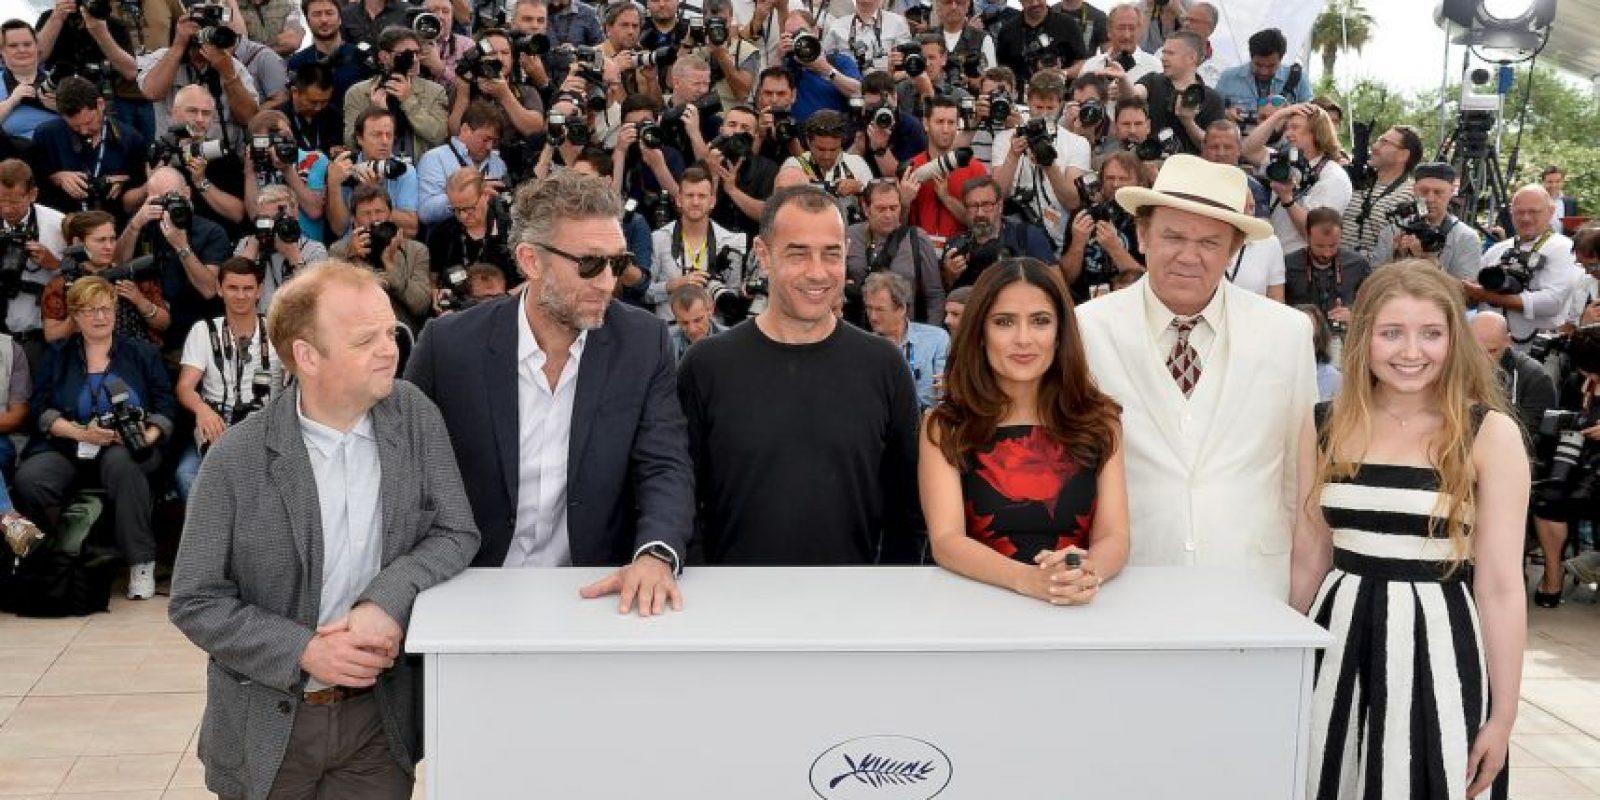 Salma se colocó delante de los periodistas para inmortalizar el momento Foto:Getty Images